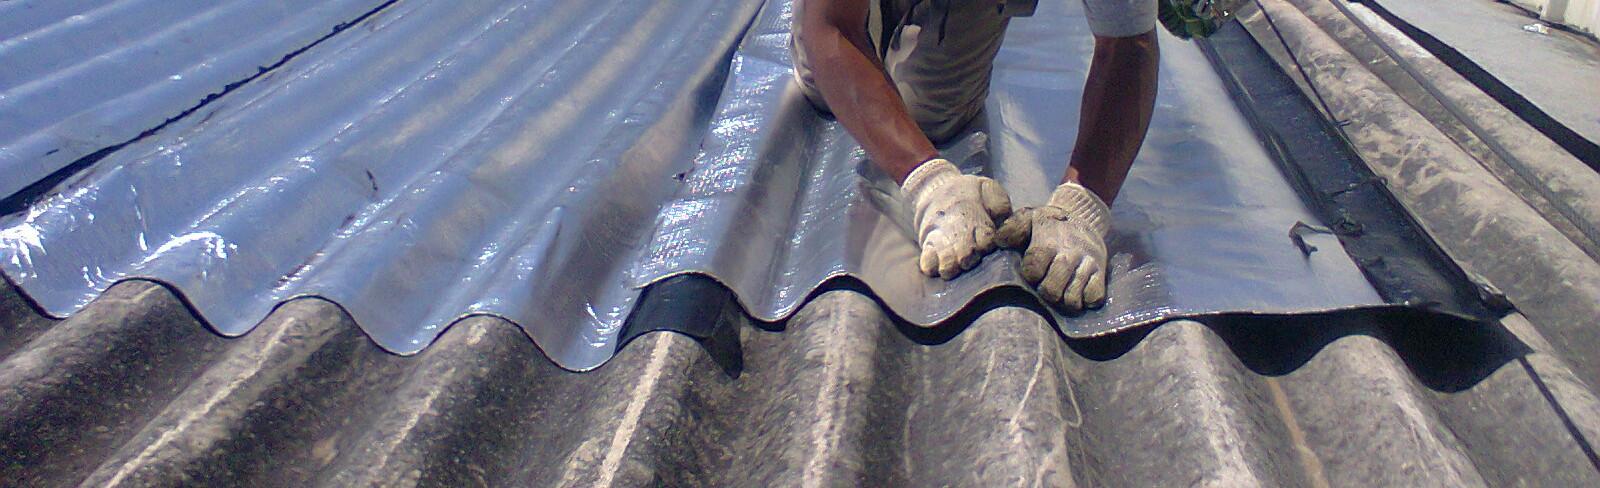 moldagem-manta-impermeabilizante-telha-aplicar-instalacao-cobertura-material